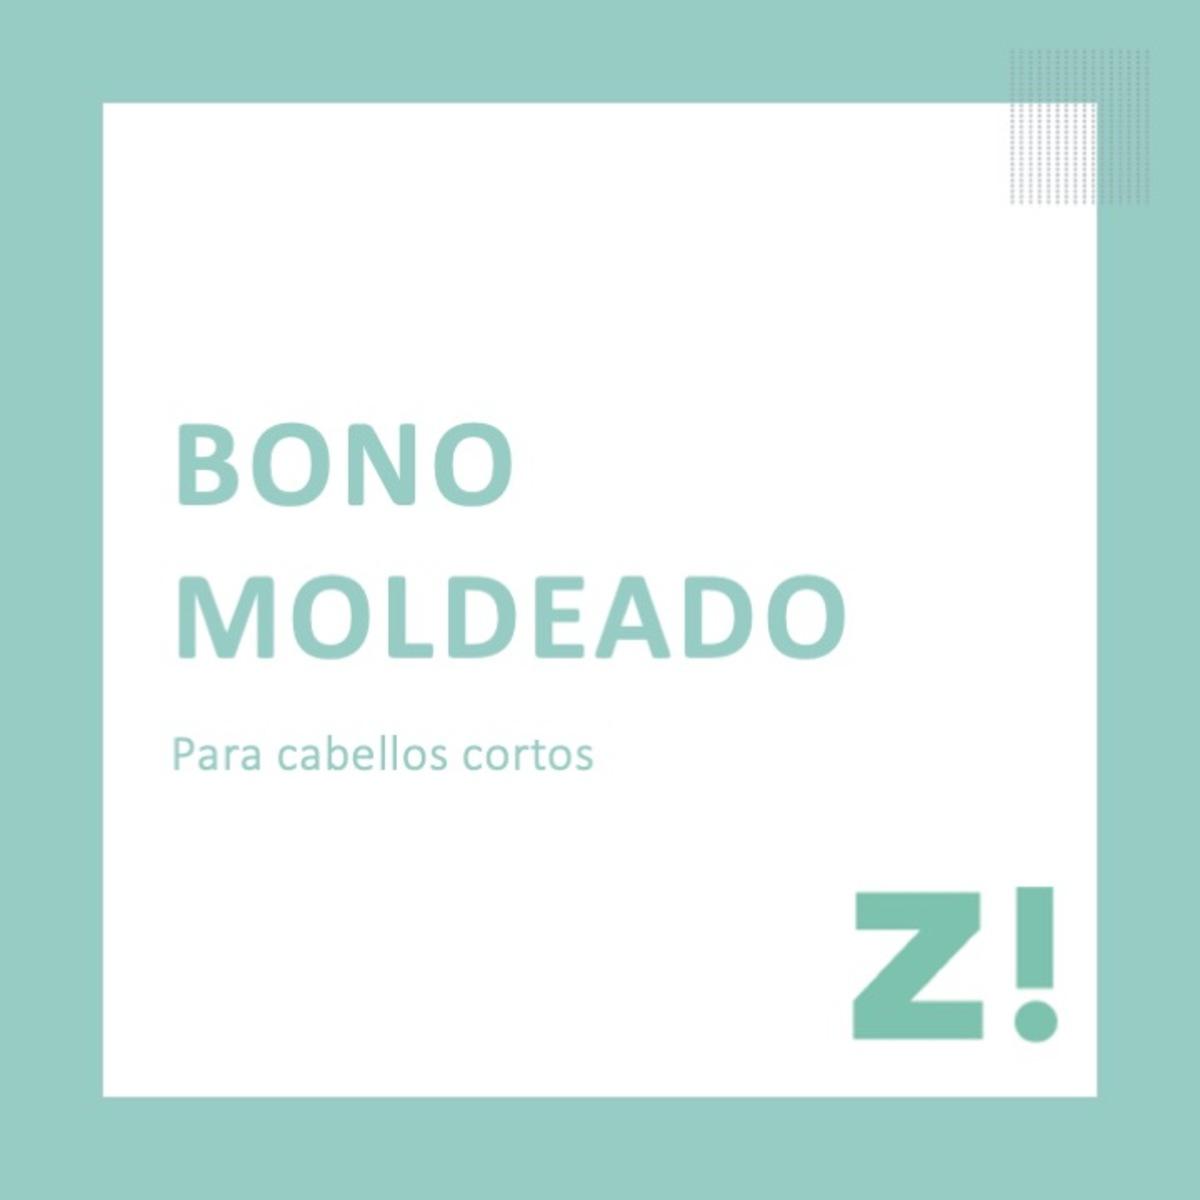 Bono moldeado cabello corto PARA CANJEAR EN PASSARÓ PLAZA SAN BRIZ